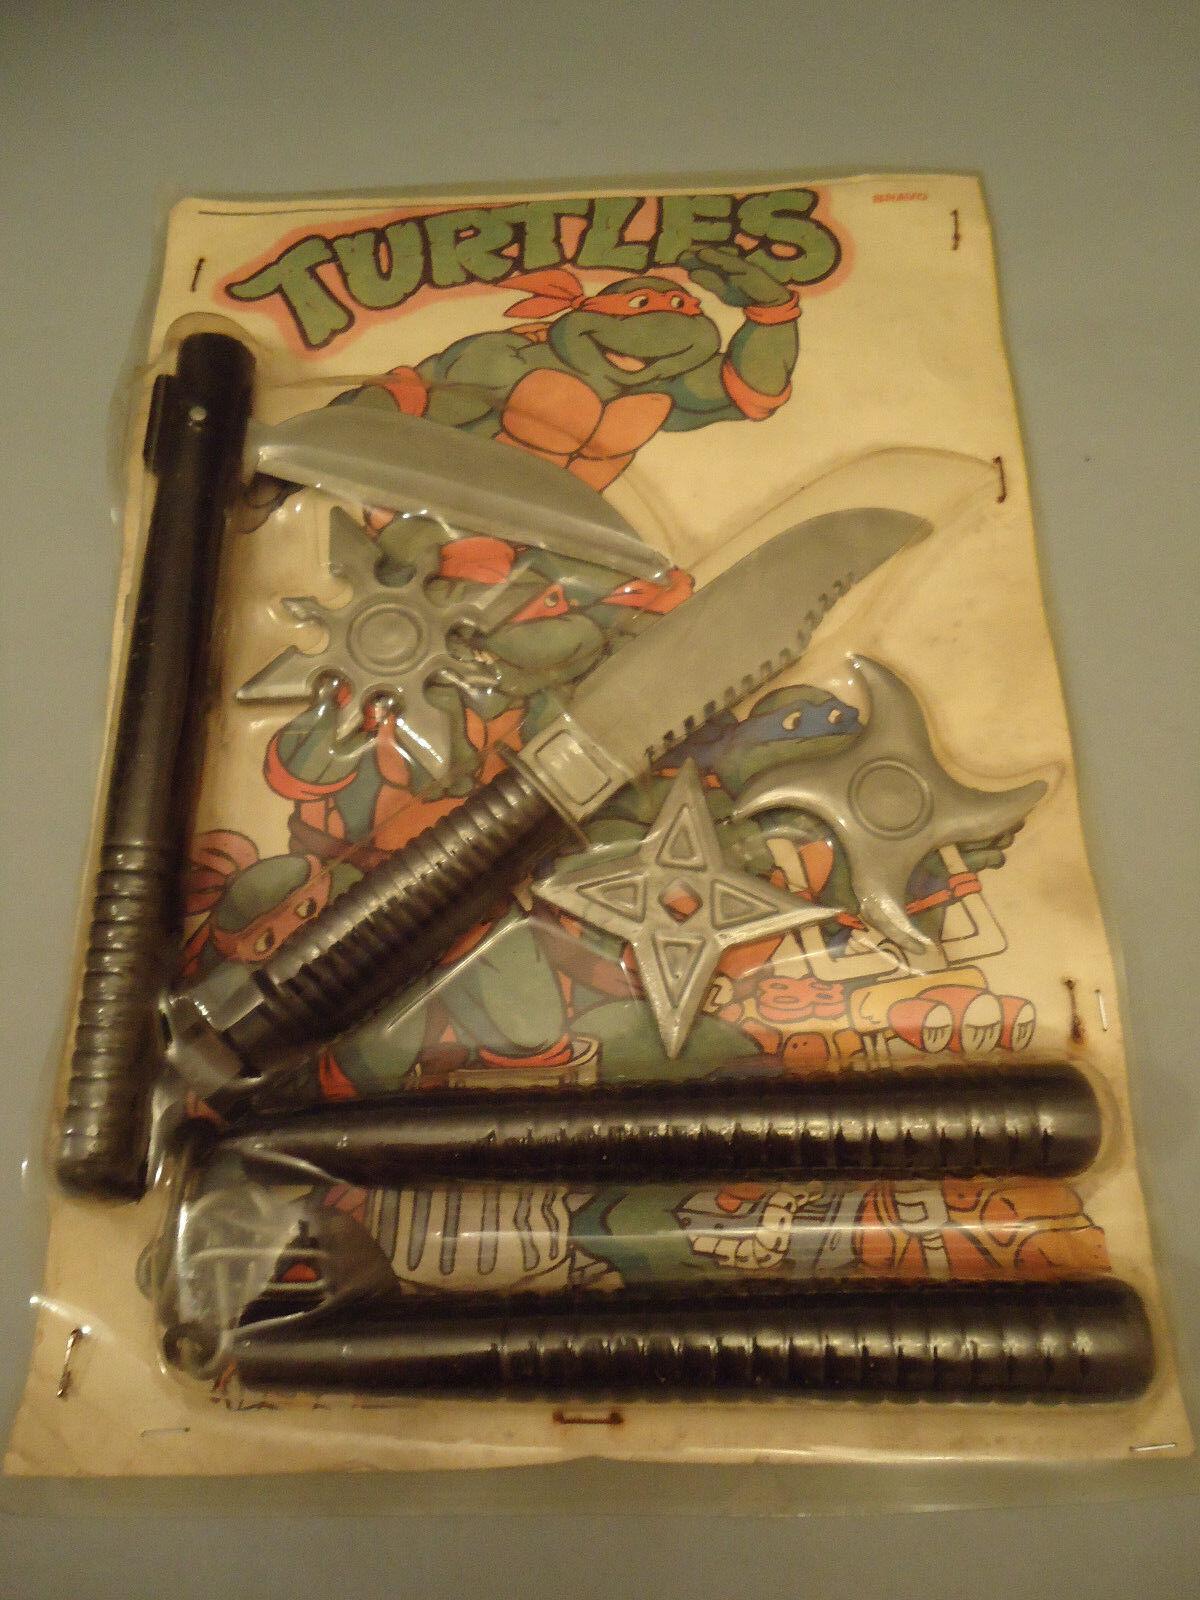 Vintage - selten tmnt ninja turtles spielen hat waffen spielzeug bravo rocco spielzeug